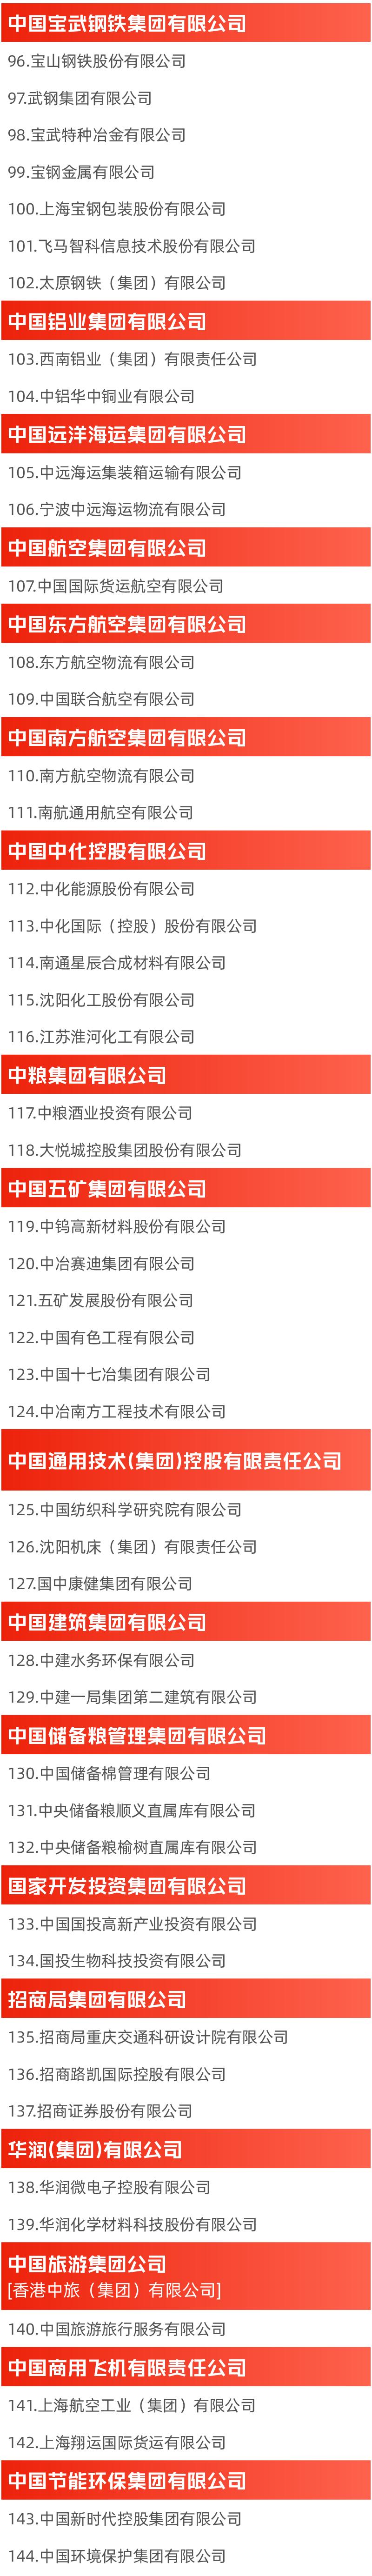 """重磅!国资委最新公布,国企改革""""双百企业""""名单!"""